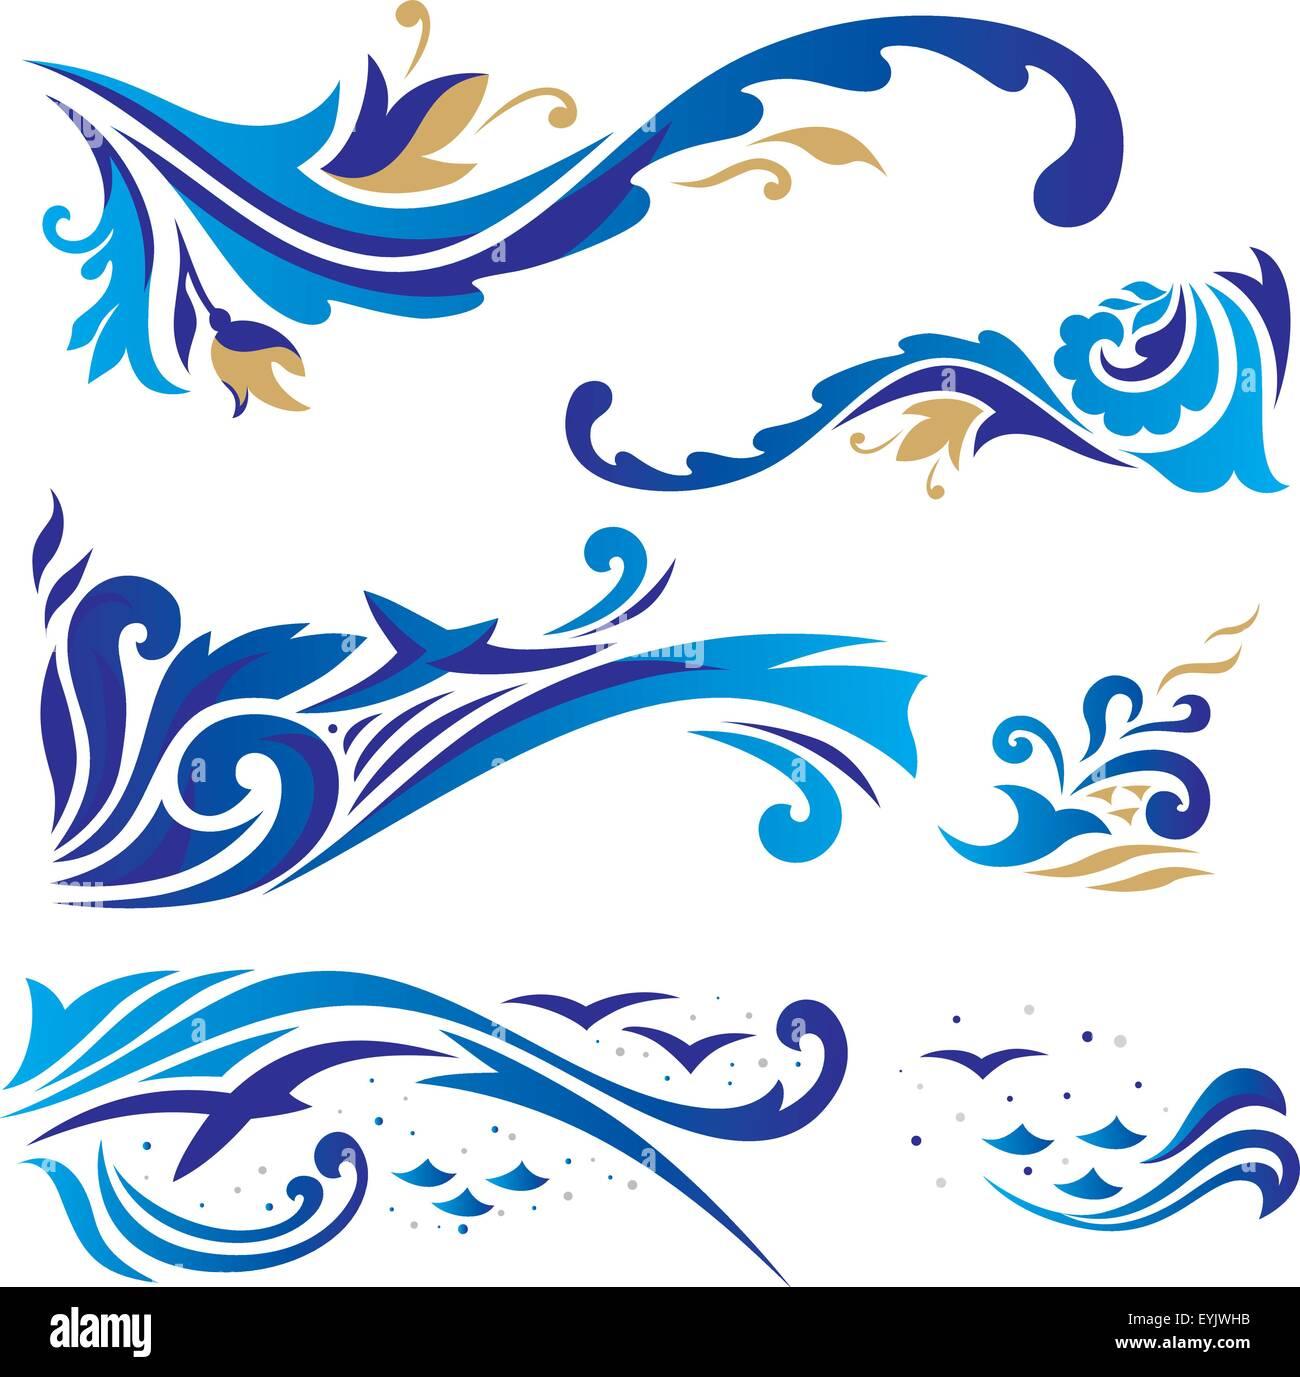 Set of elegant islamic vignettes and borders for design cards stock set of elegant islamic vignettes and borders for design cards invitations stopboris Choice Image